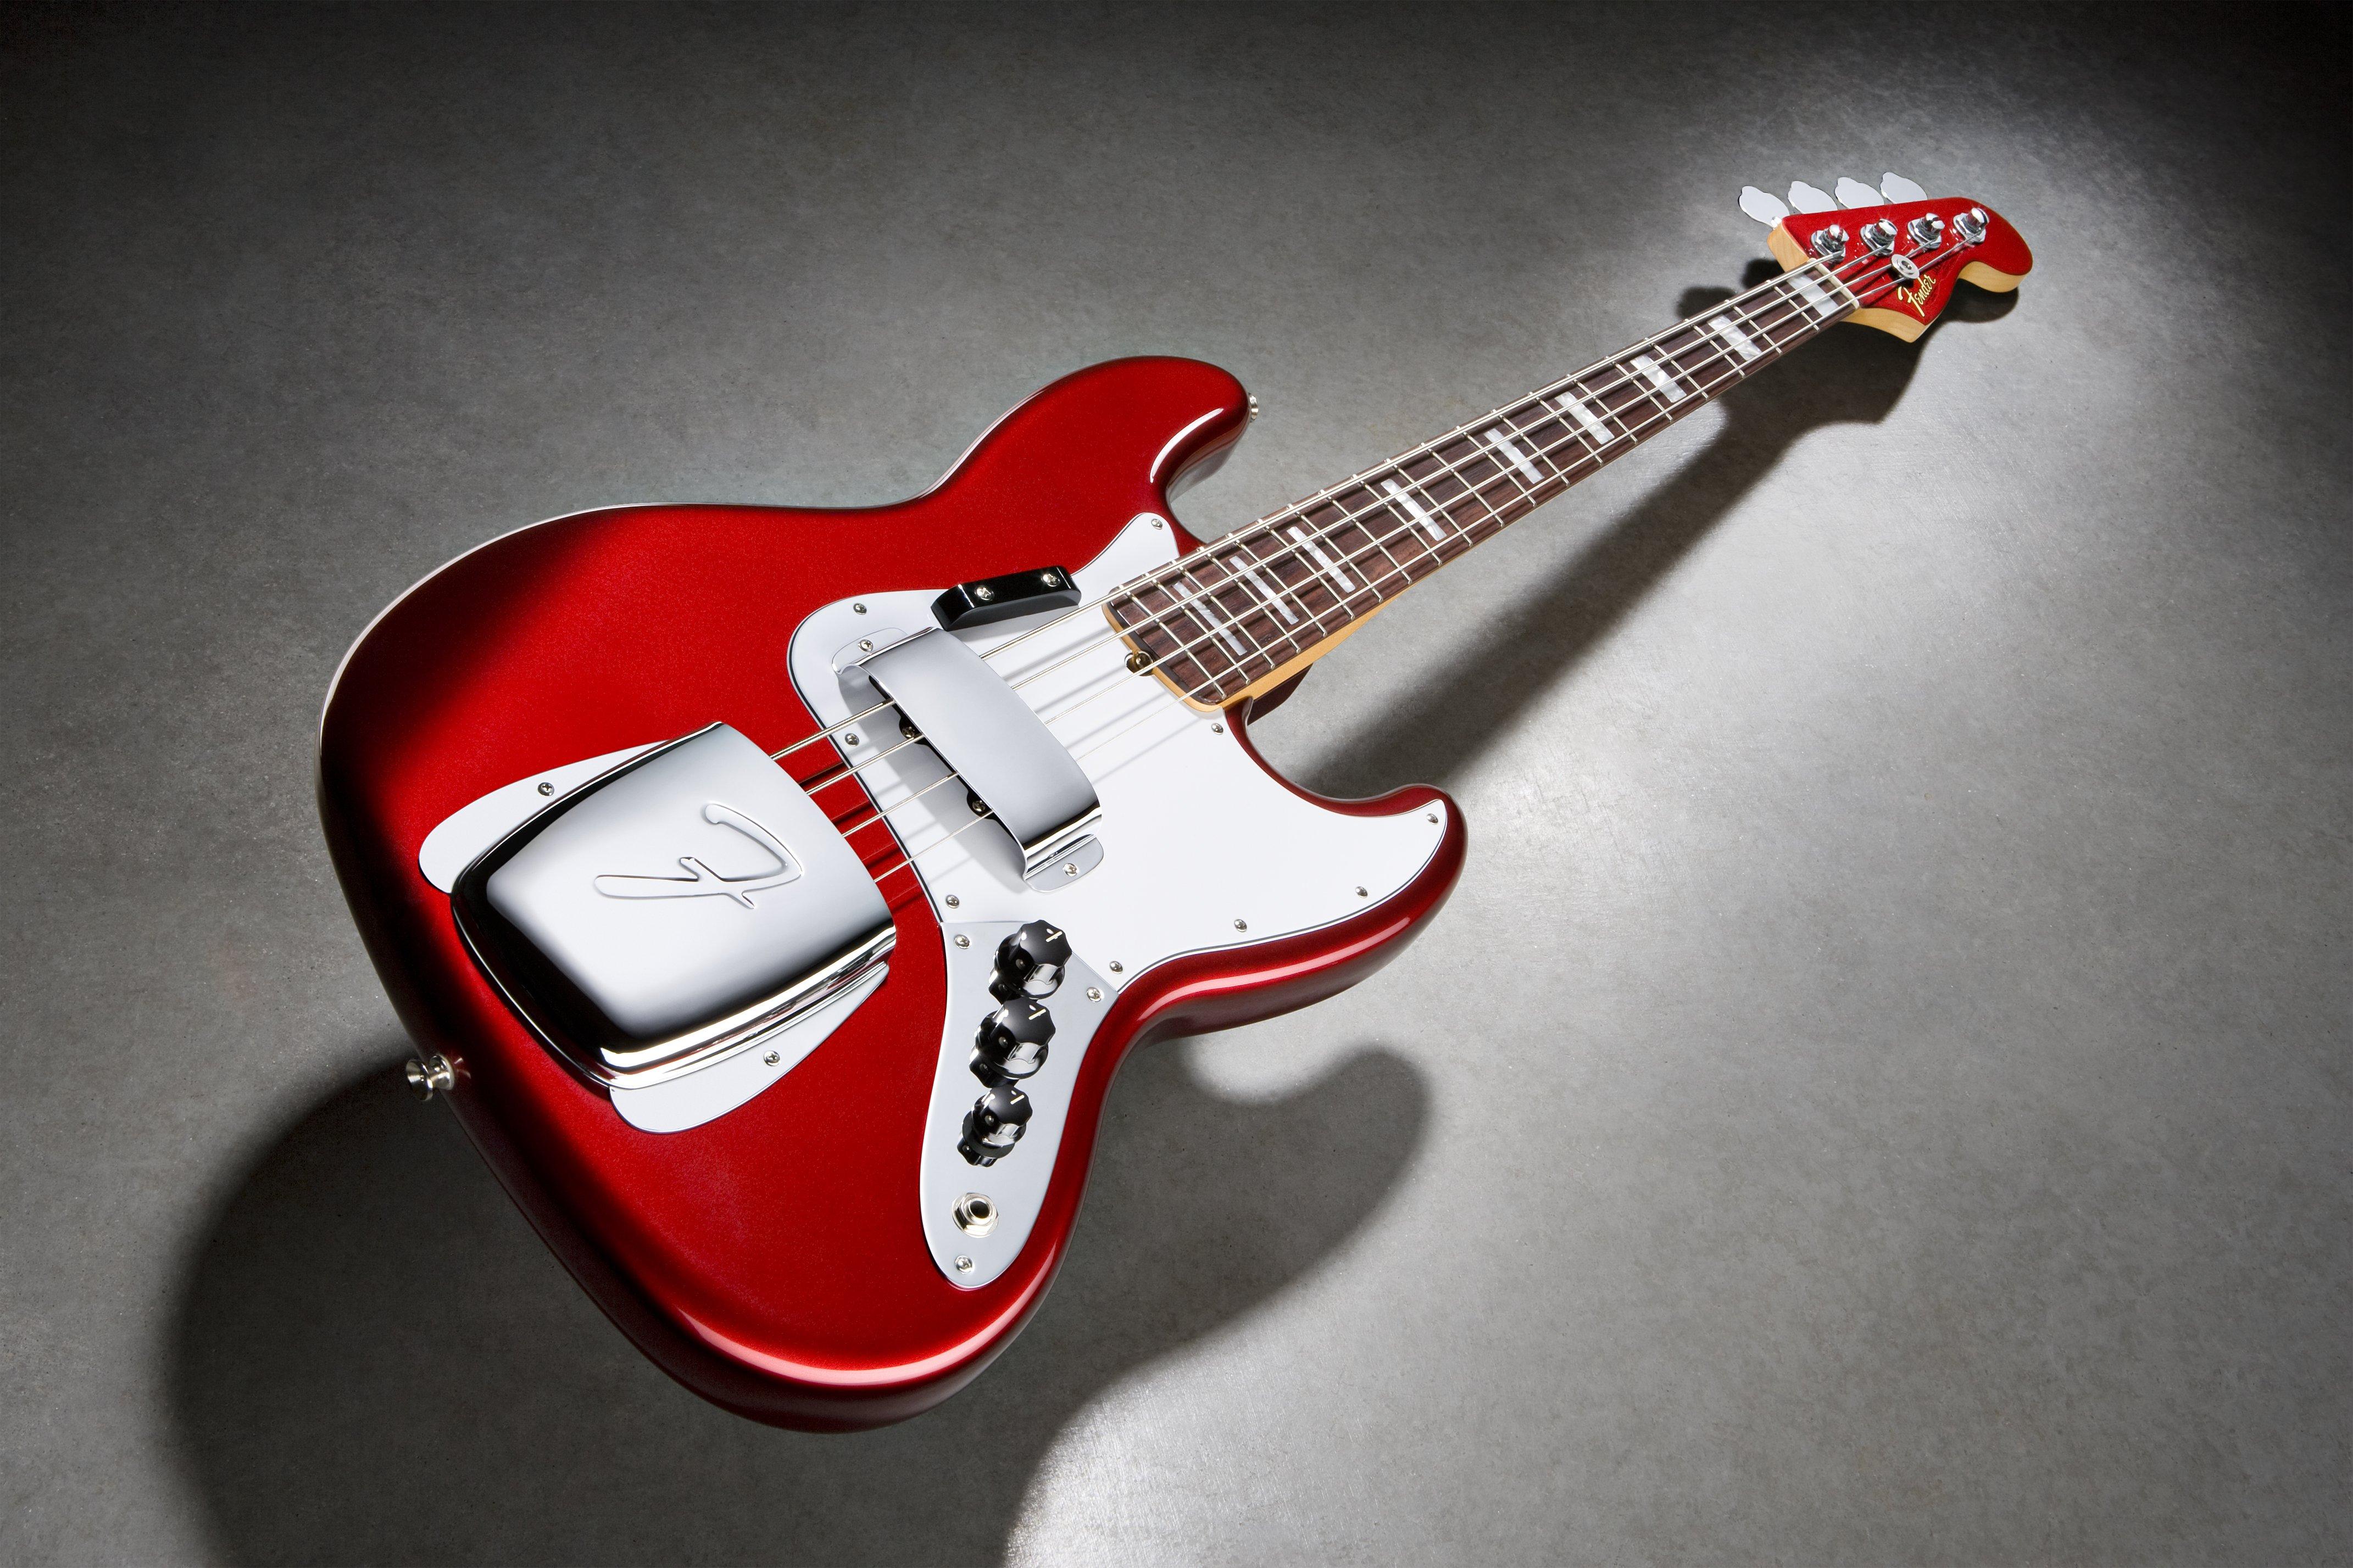 Jazz Bass Guitar Wallpapers   4283x2855   1612499 4283x2855